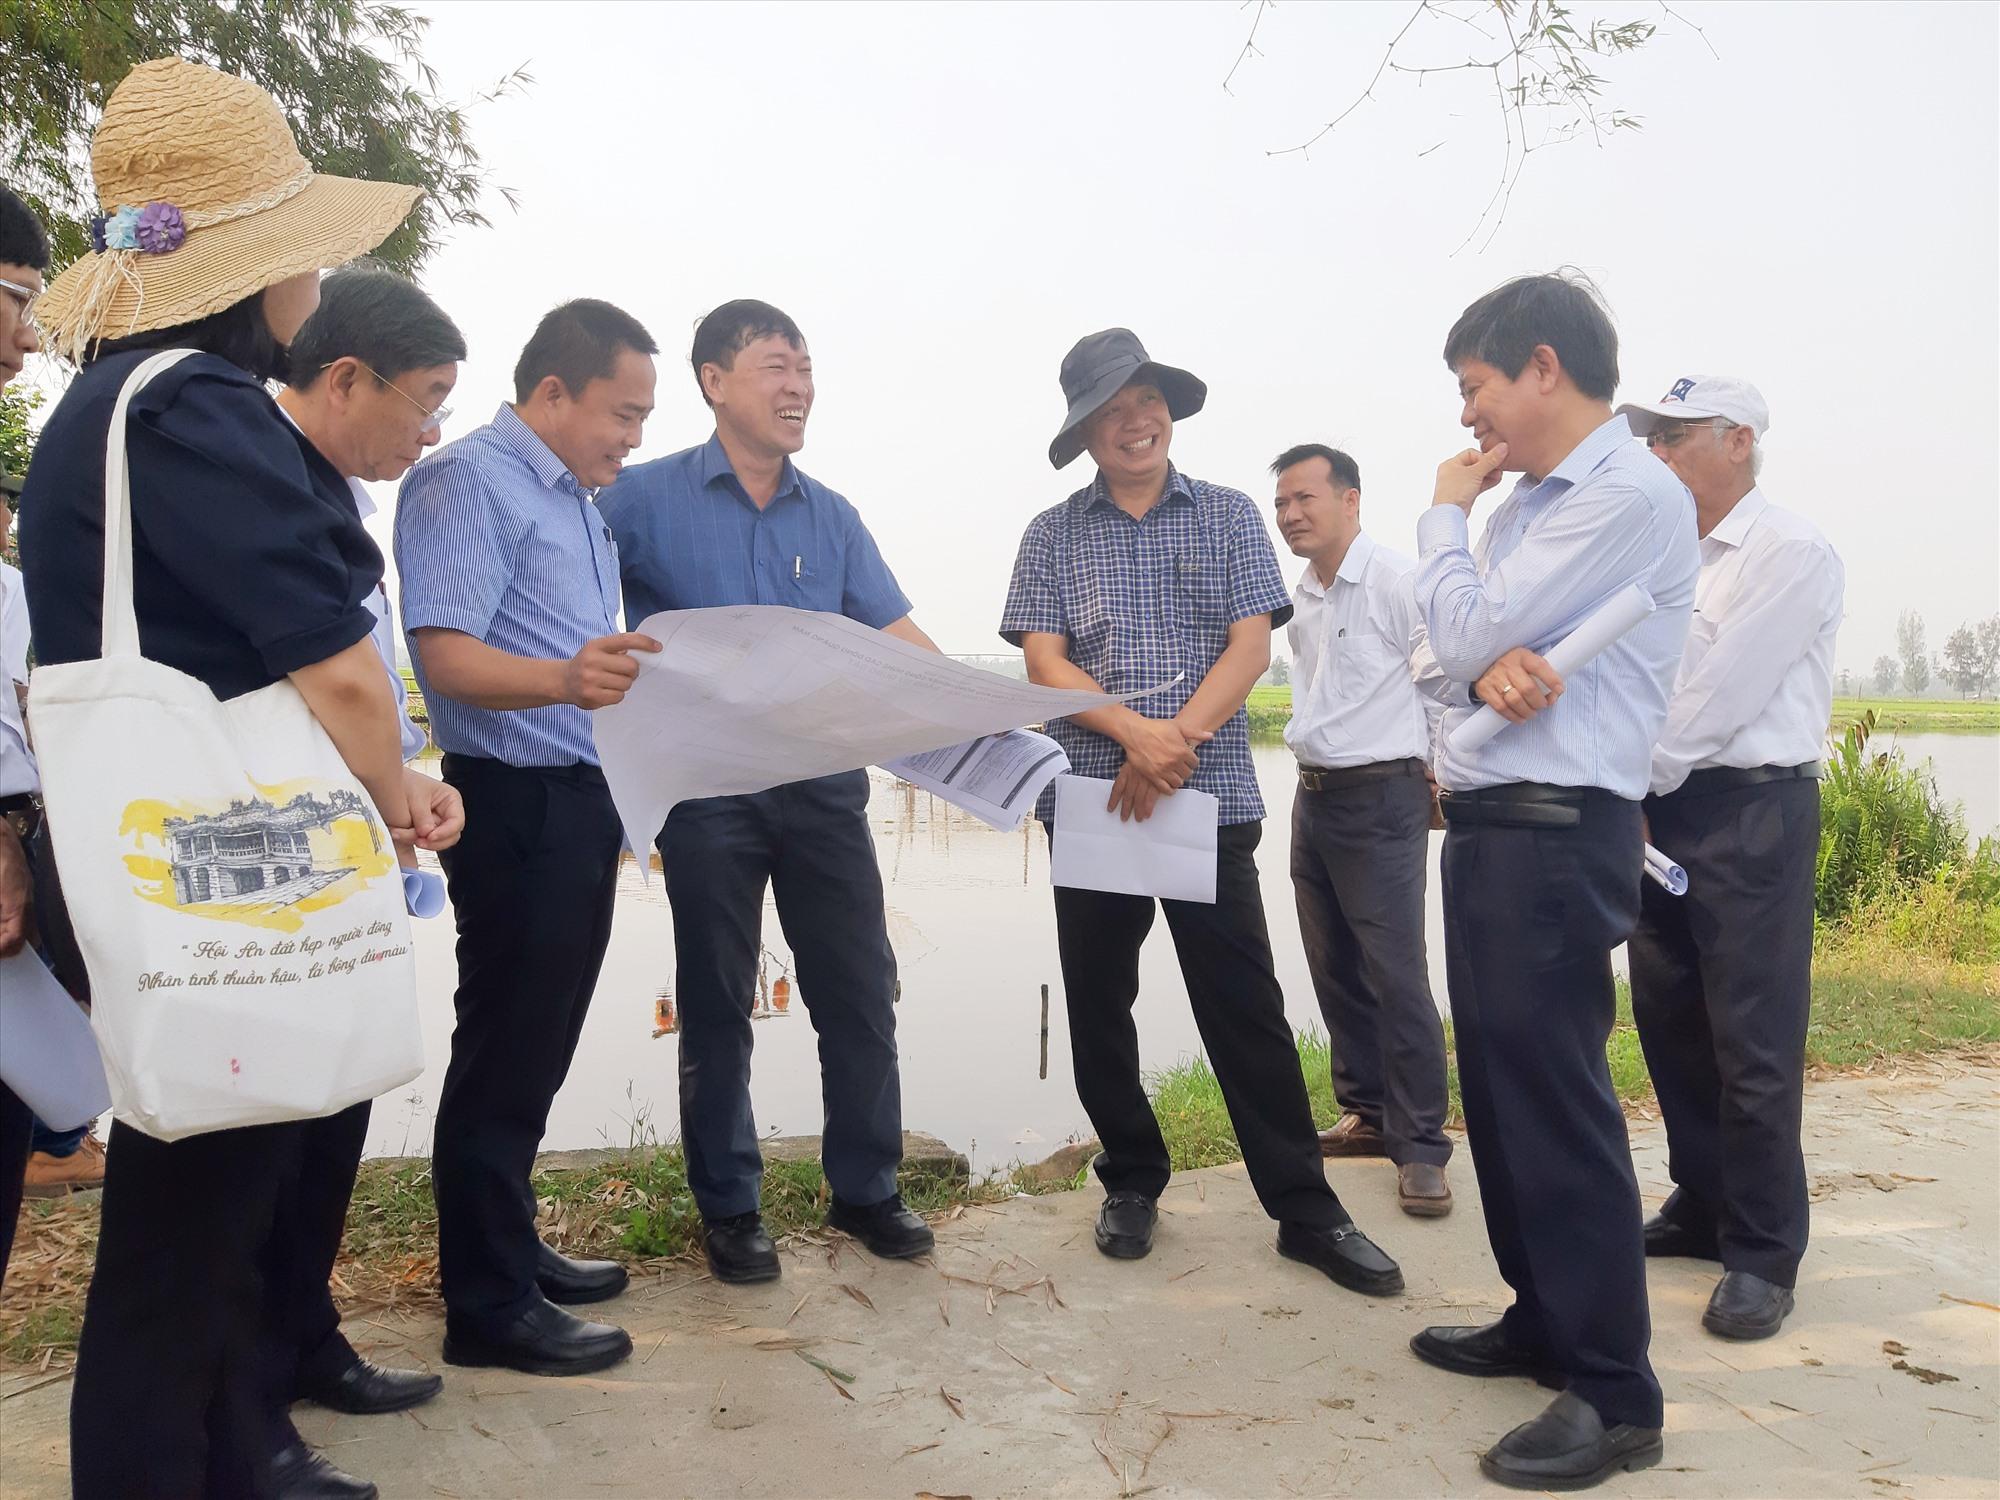 Đoàn công tác của tỉnh khảo sát địa điểm dự kiến đầu tư dự án Khu nông nghiệp công nghệ cao Đông Quảng Nam tại xã Bình Dương (Thăng Bình). Ảnh: VĂN SỰ